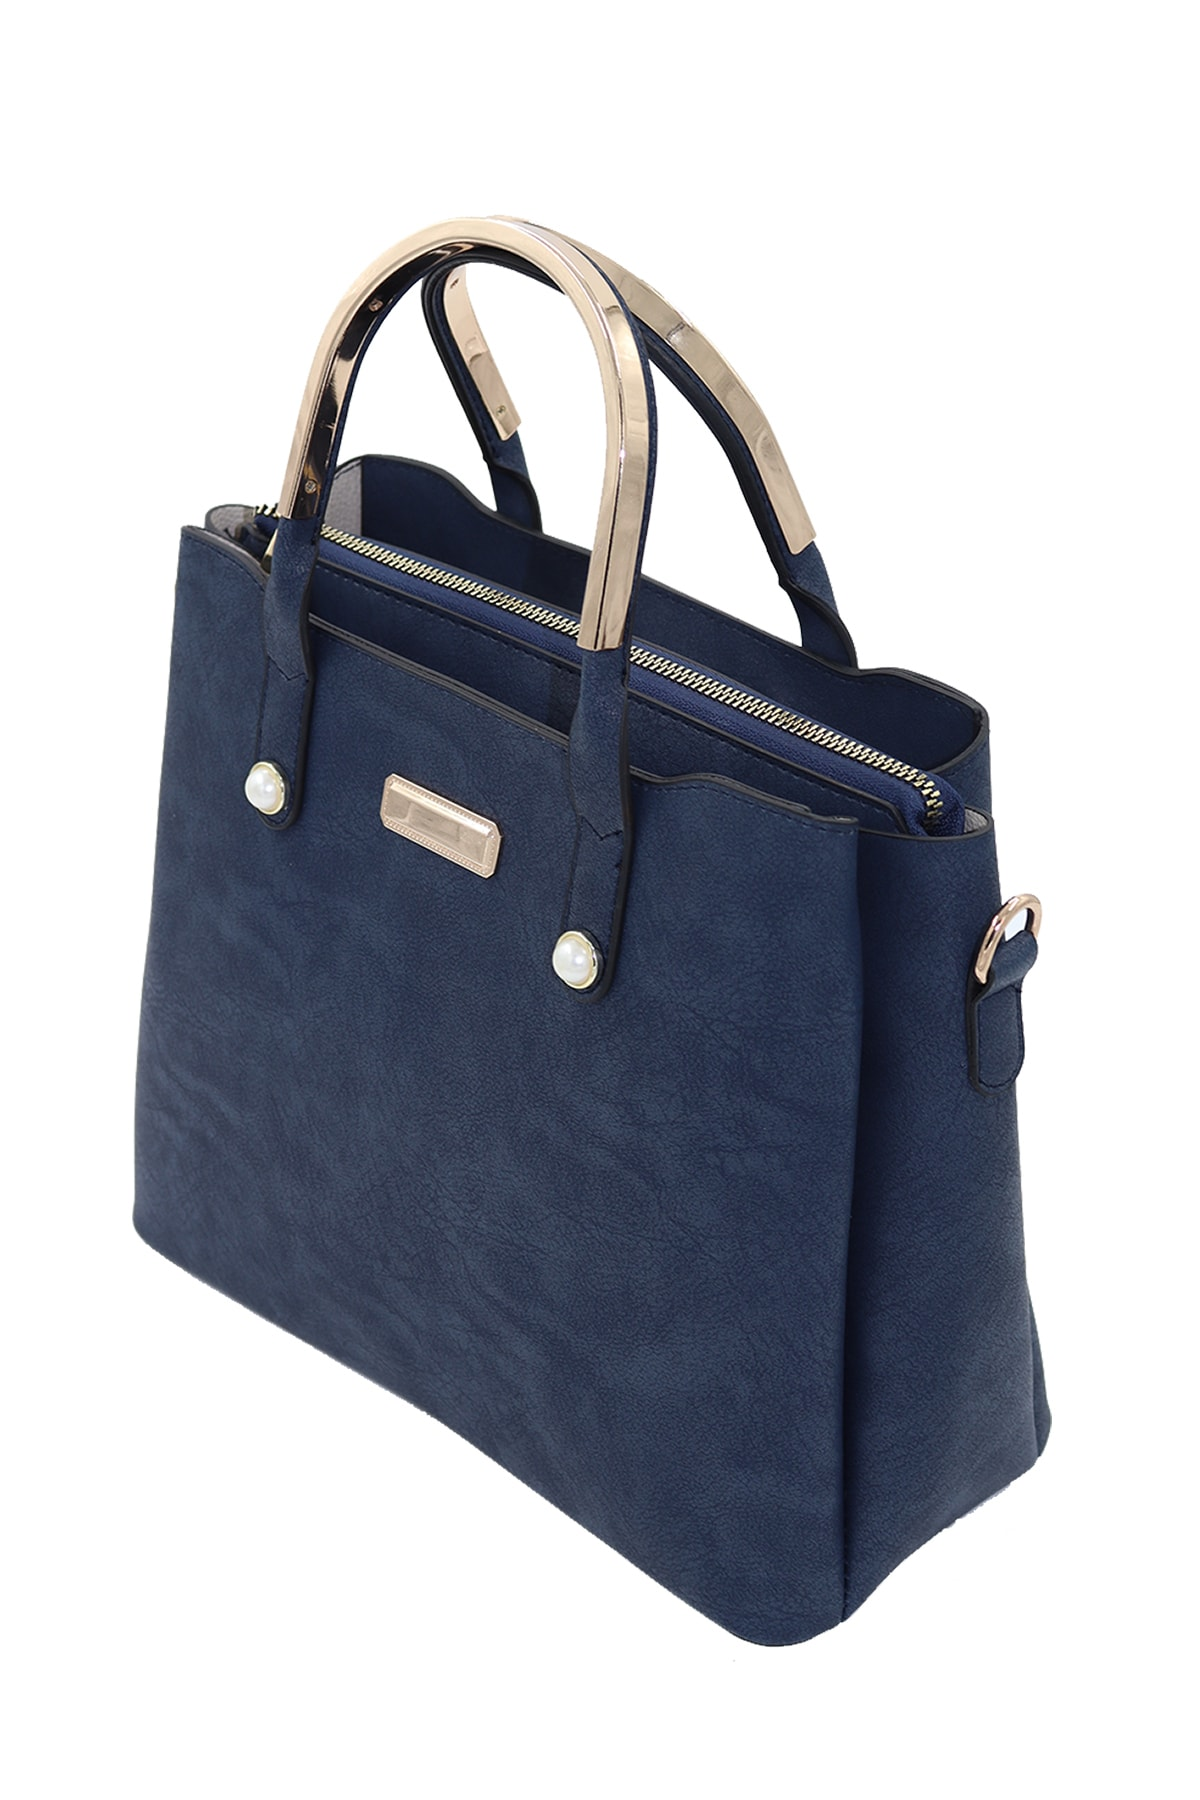 SheBella Bags & Shoes Cefalu Üç Bölmeli Inci Detaylı Metal Tutma Saplı Lacivert Renk Kadın Kol / Omuz Çantası 1